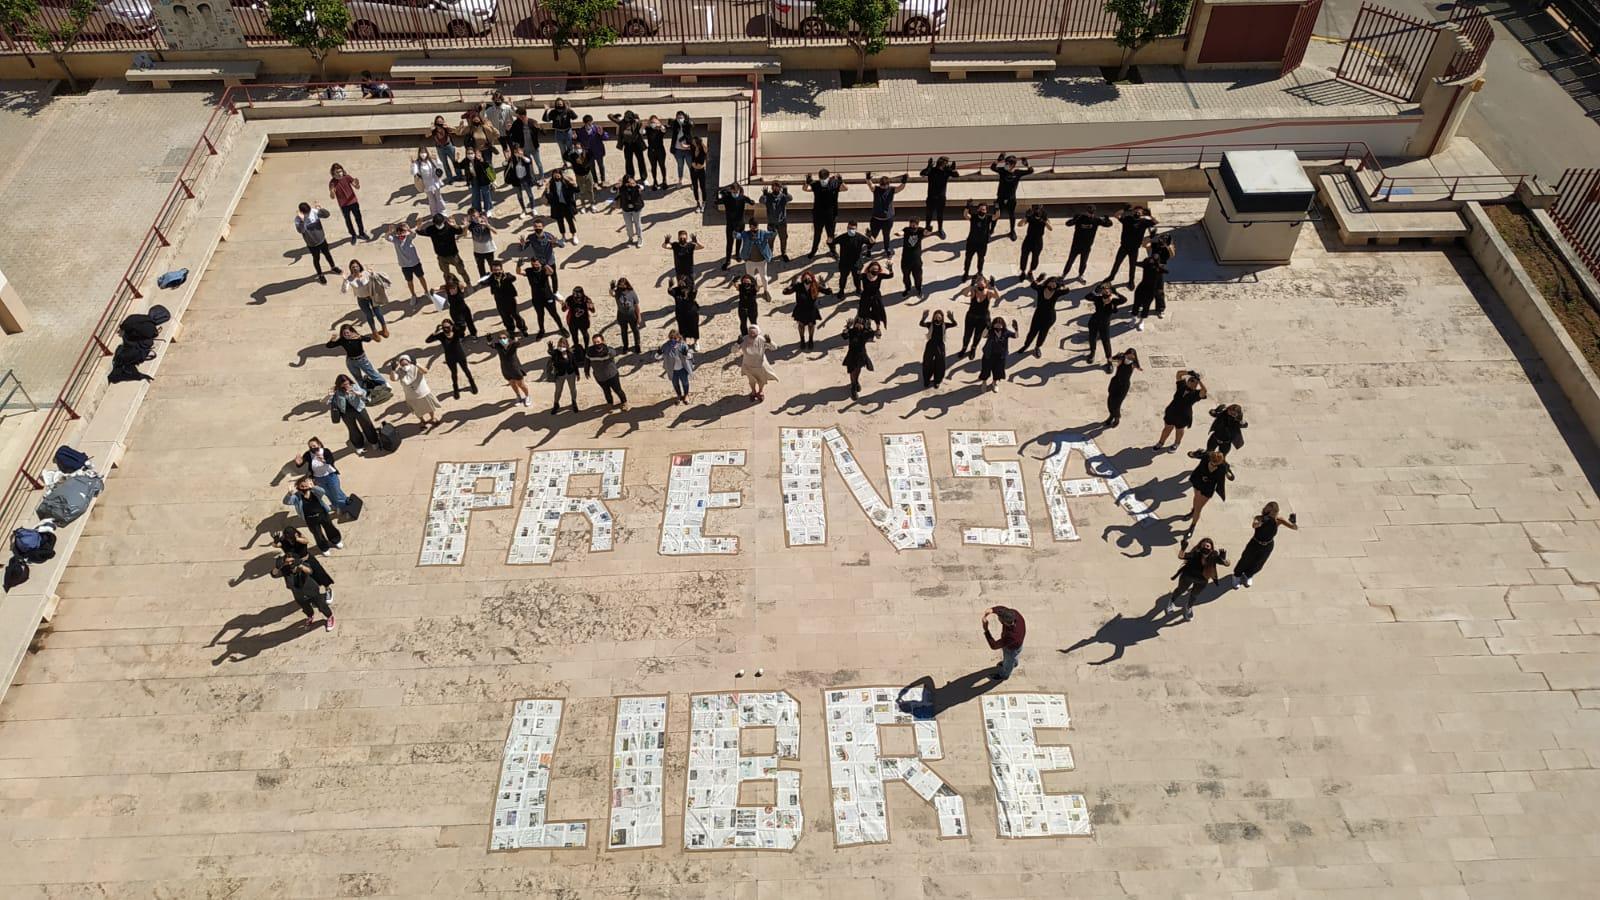 Clam+dels+futurs+periodistes+per+la+llibertat+de+premsa